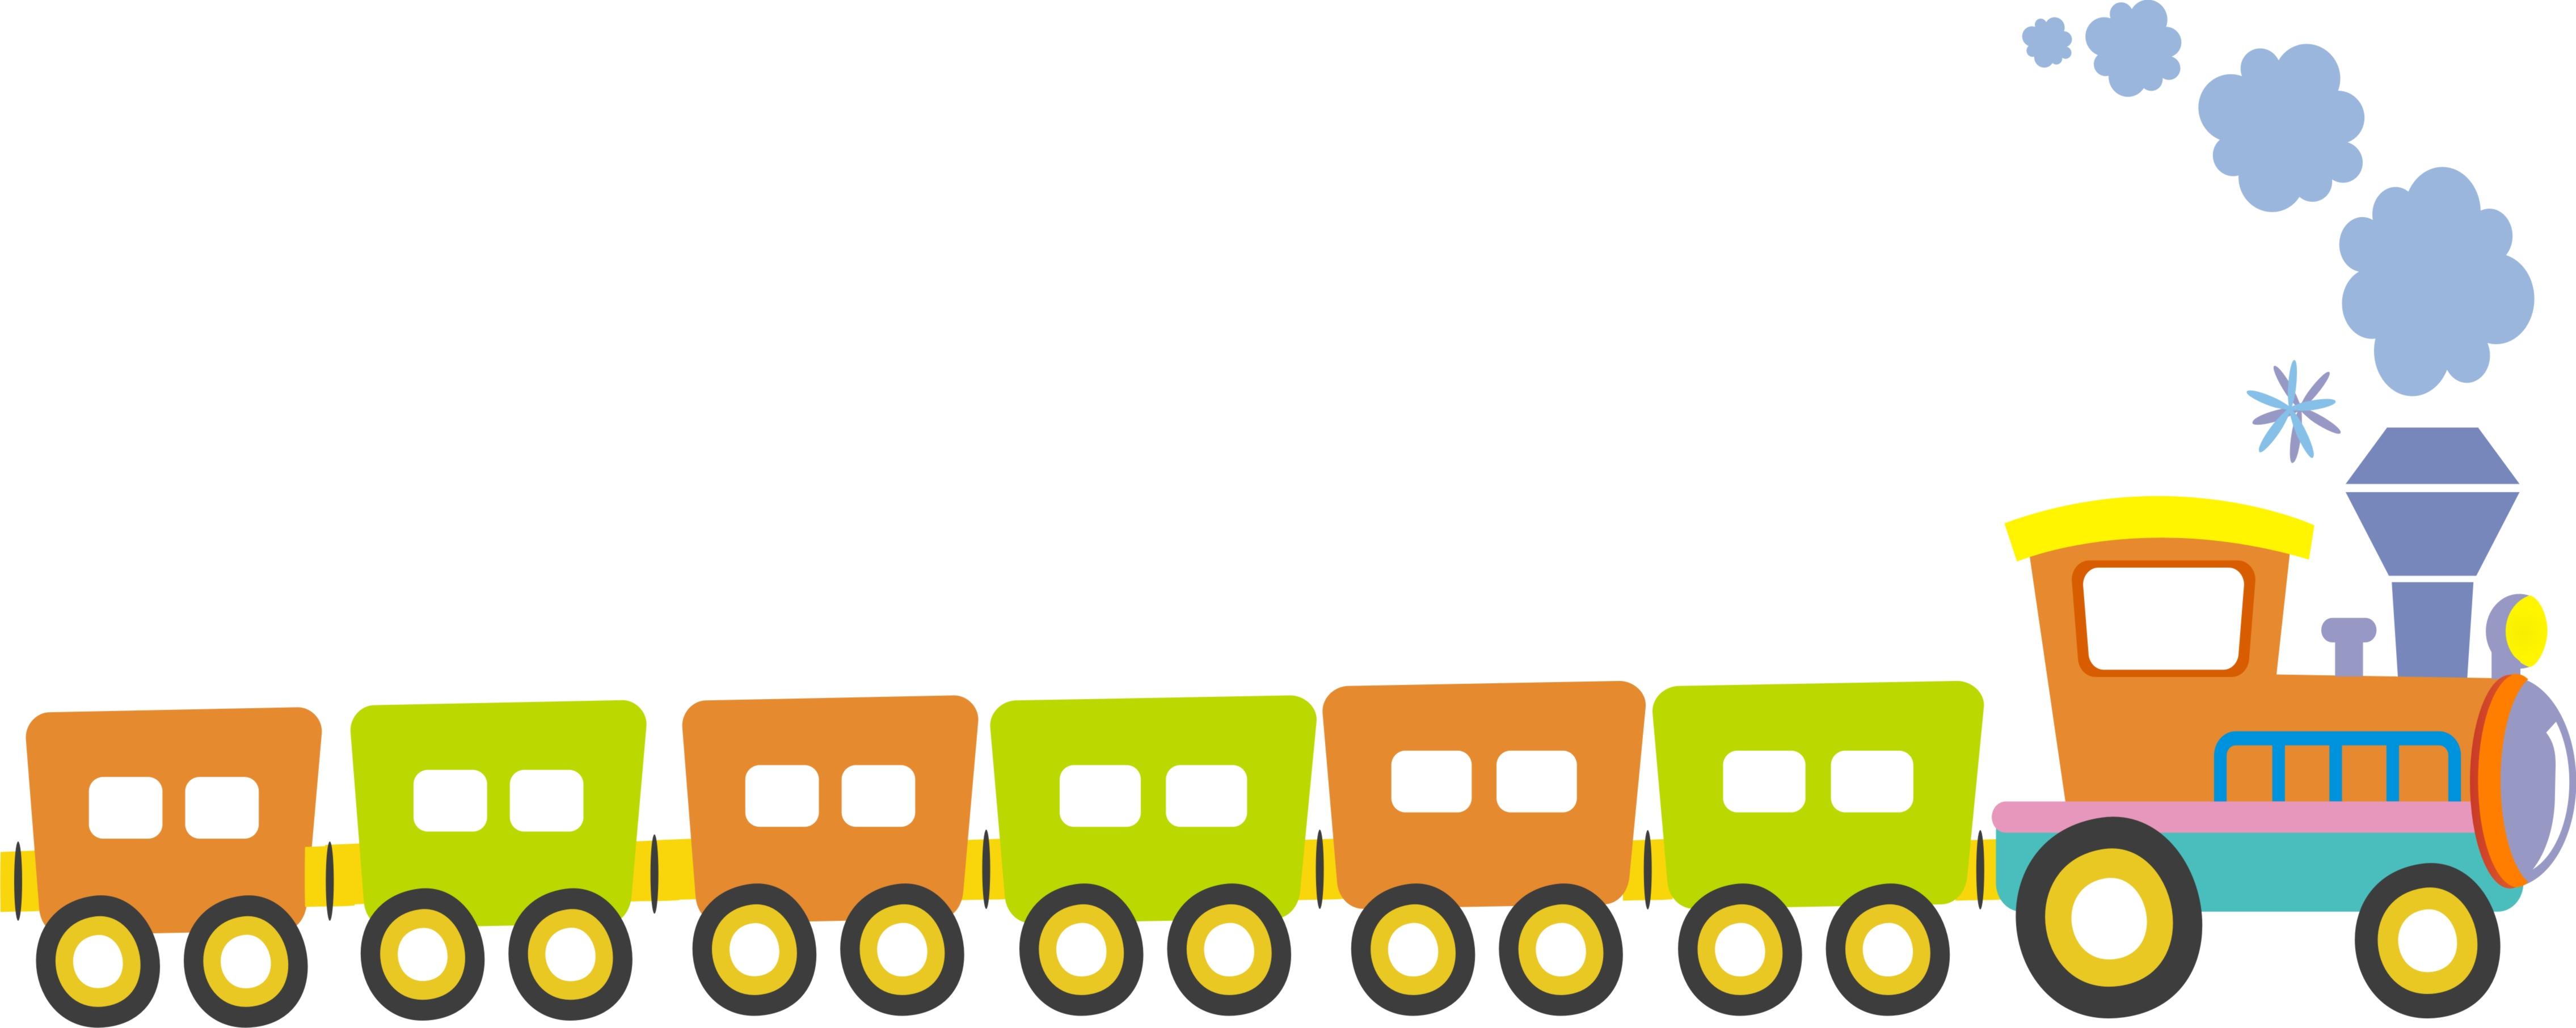 train clip art free download - photo #15